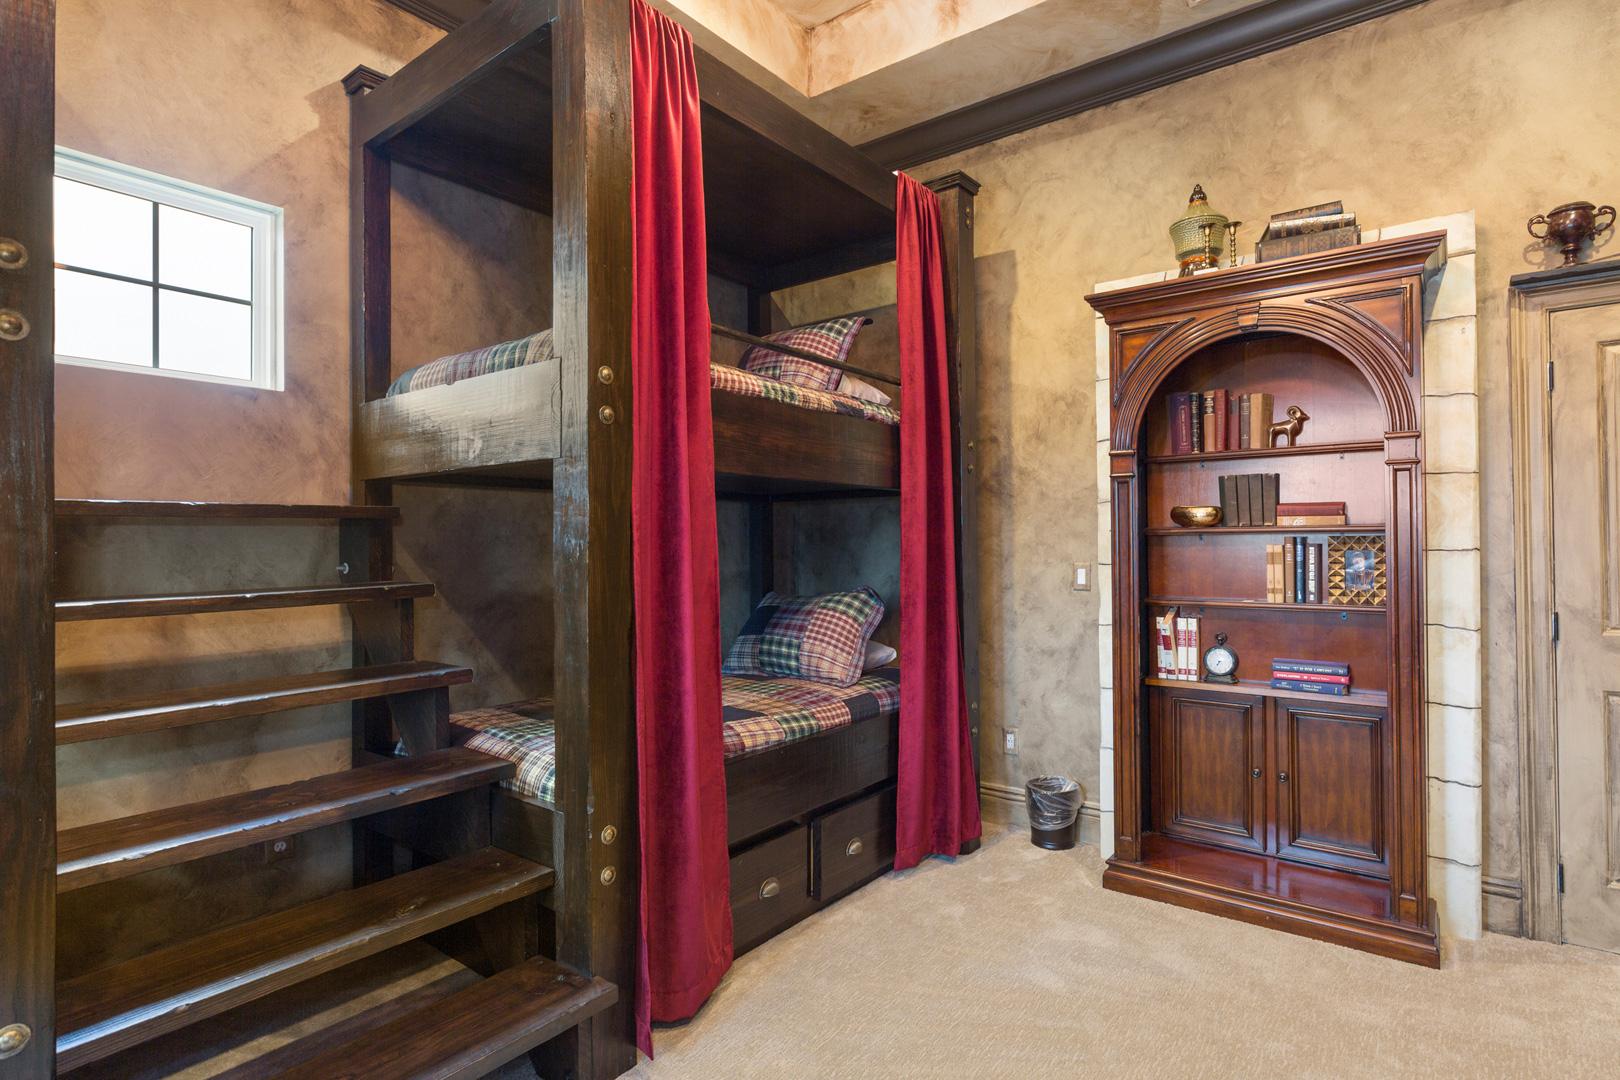 Bedrooms72